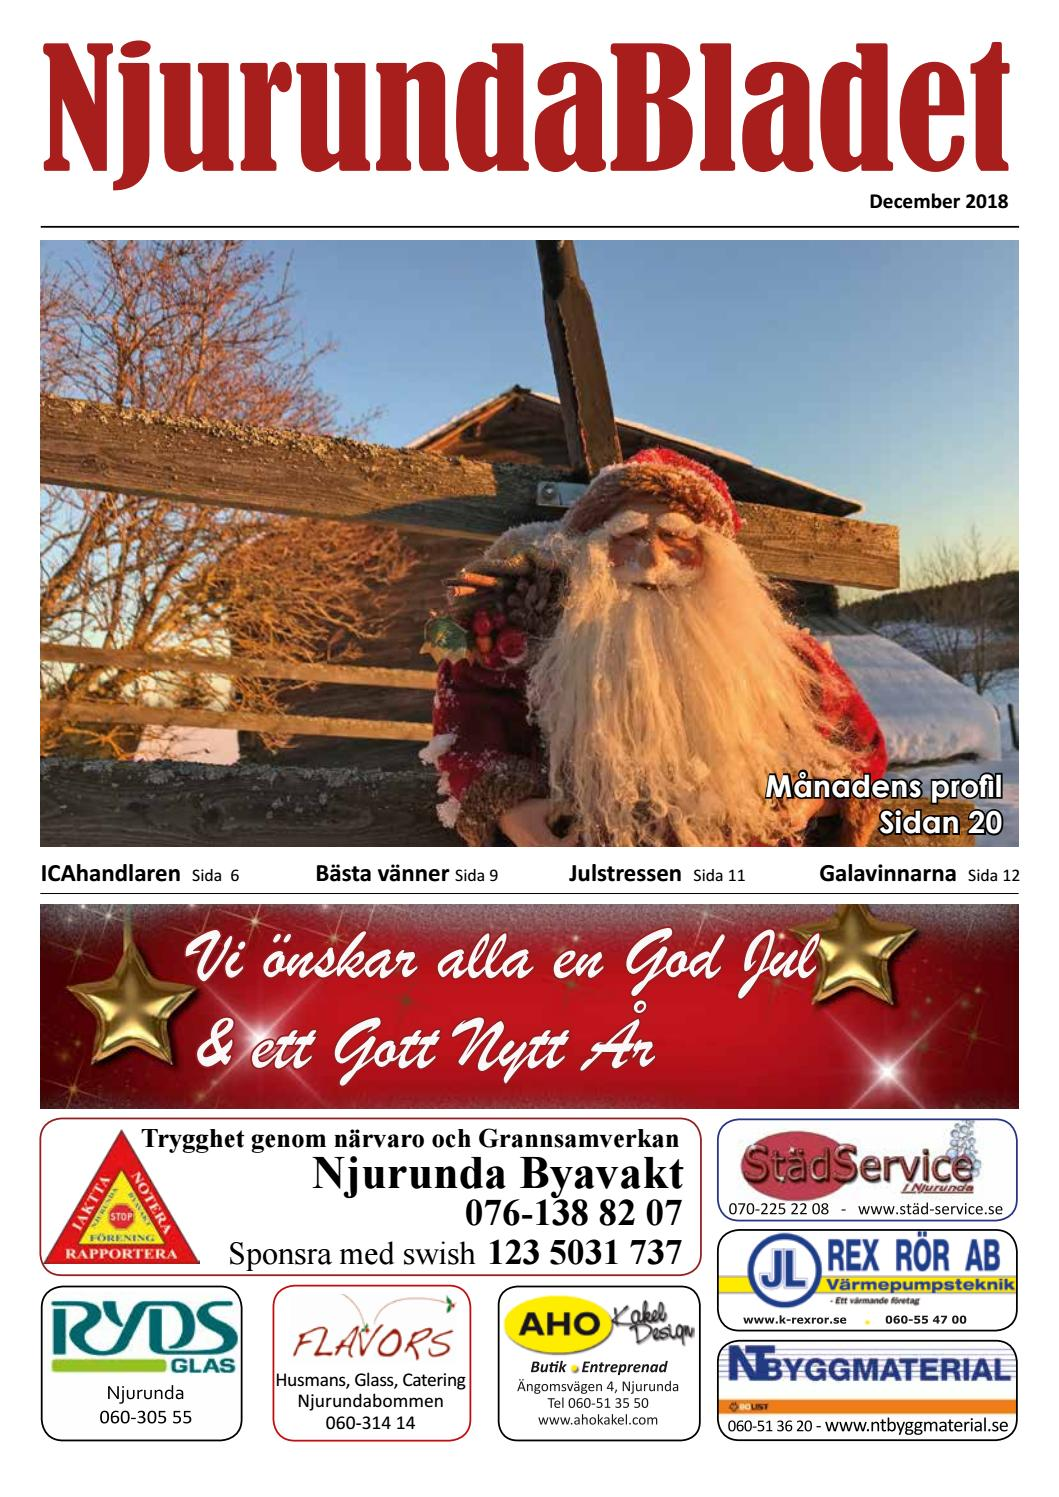 Njurundabladet 2016 07 by NjurundaFretagarna - issuu